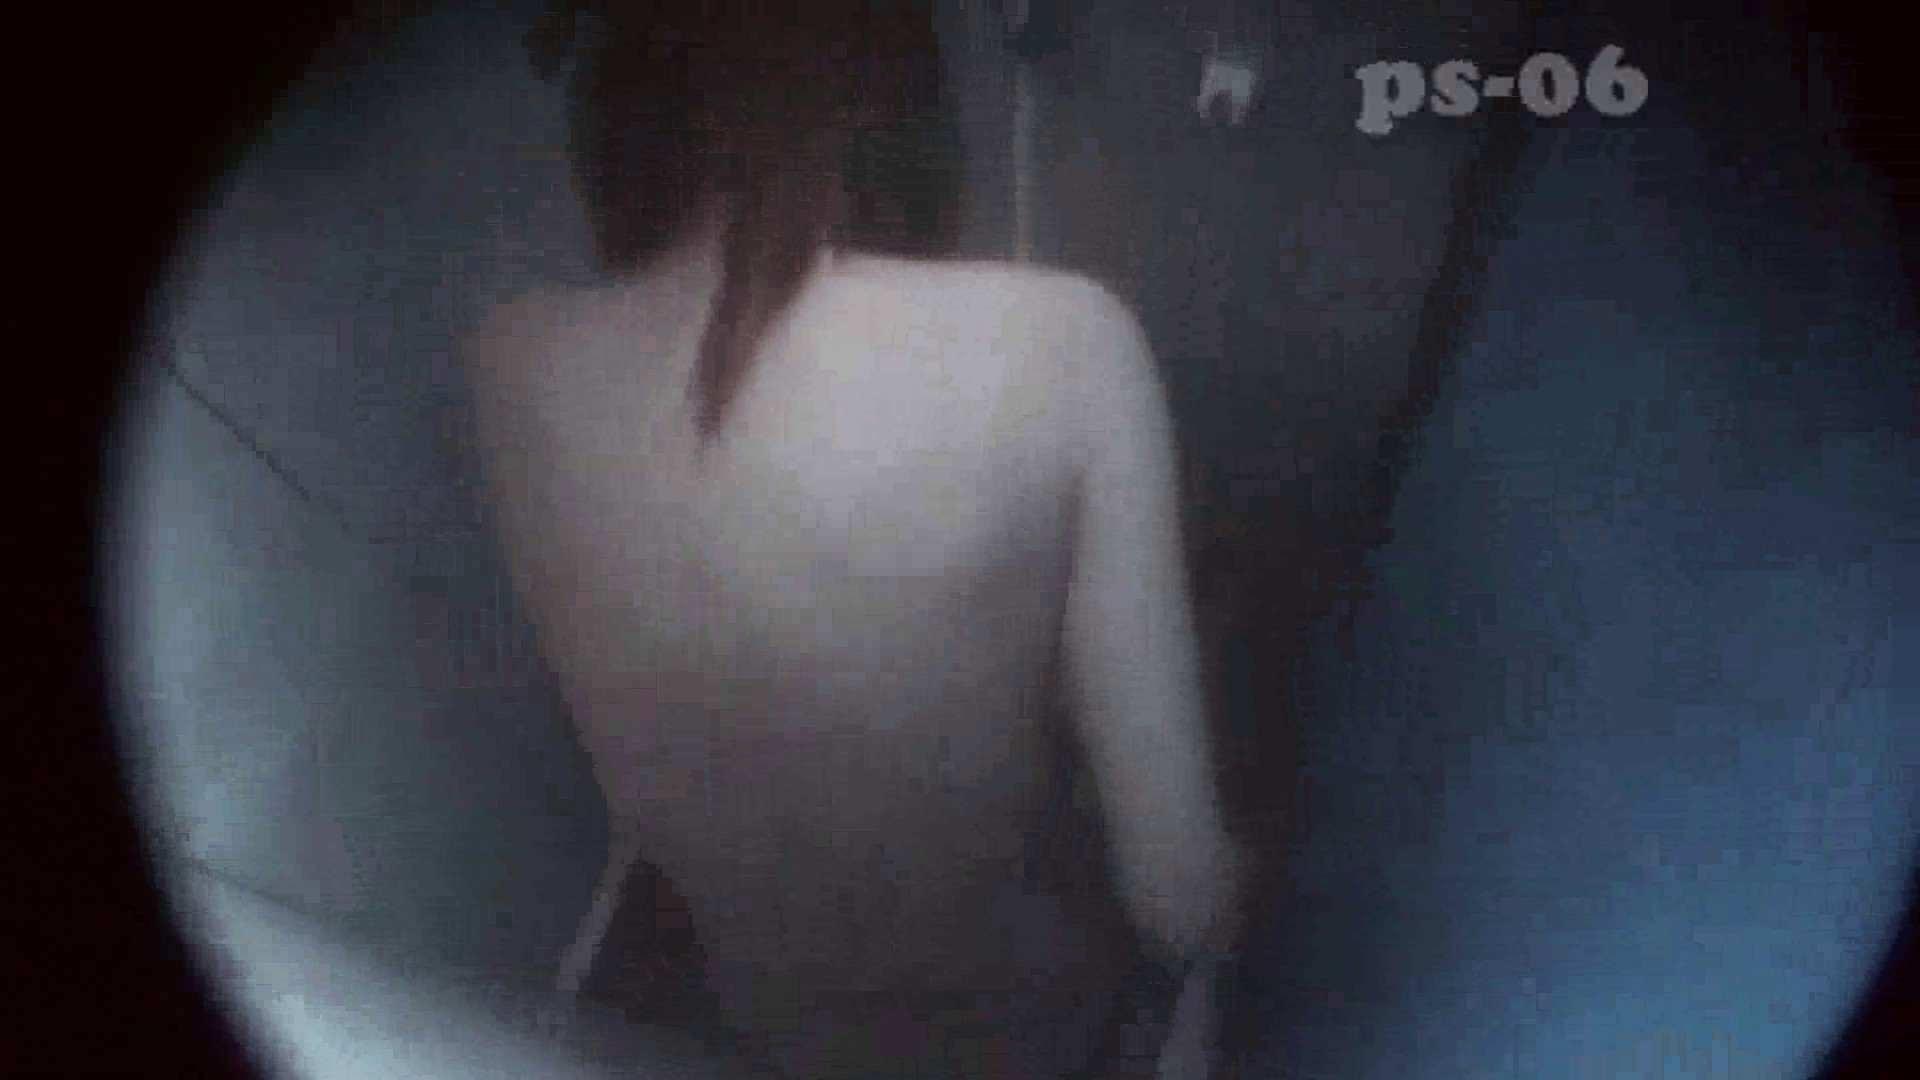 シャワールームは危険な香りVol.6(ハイビジョンサンプル版) 盛合せ  111PIX 31